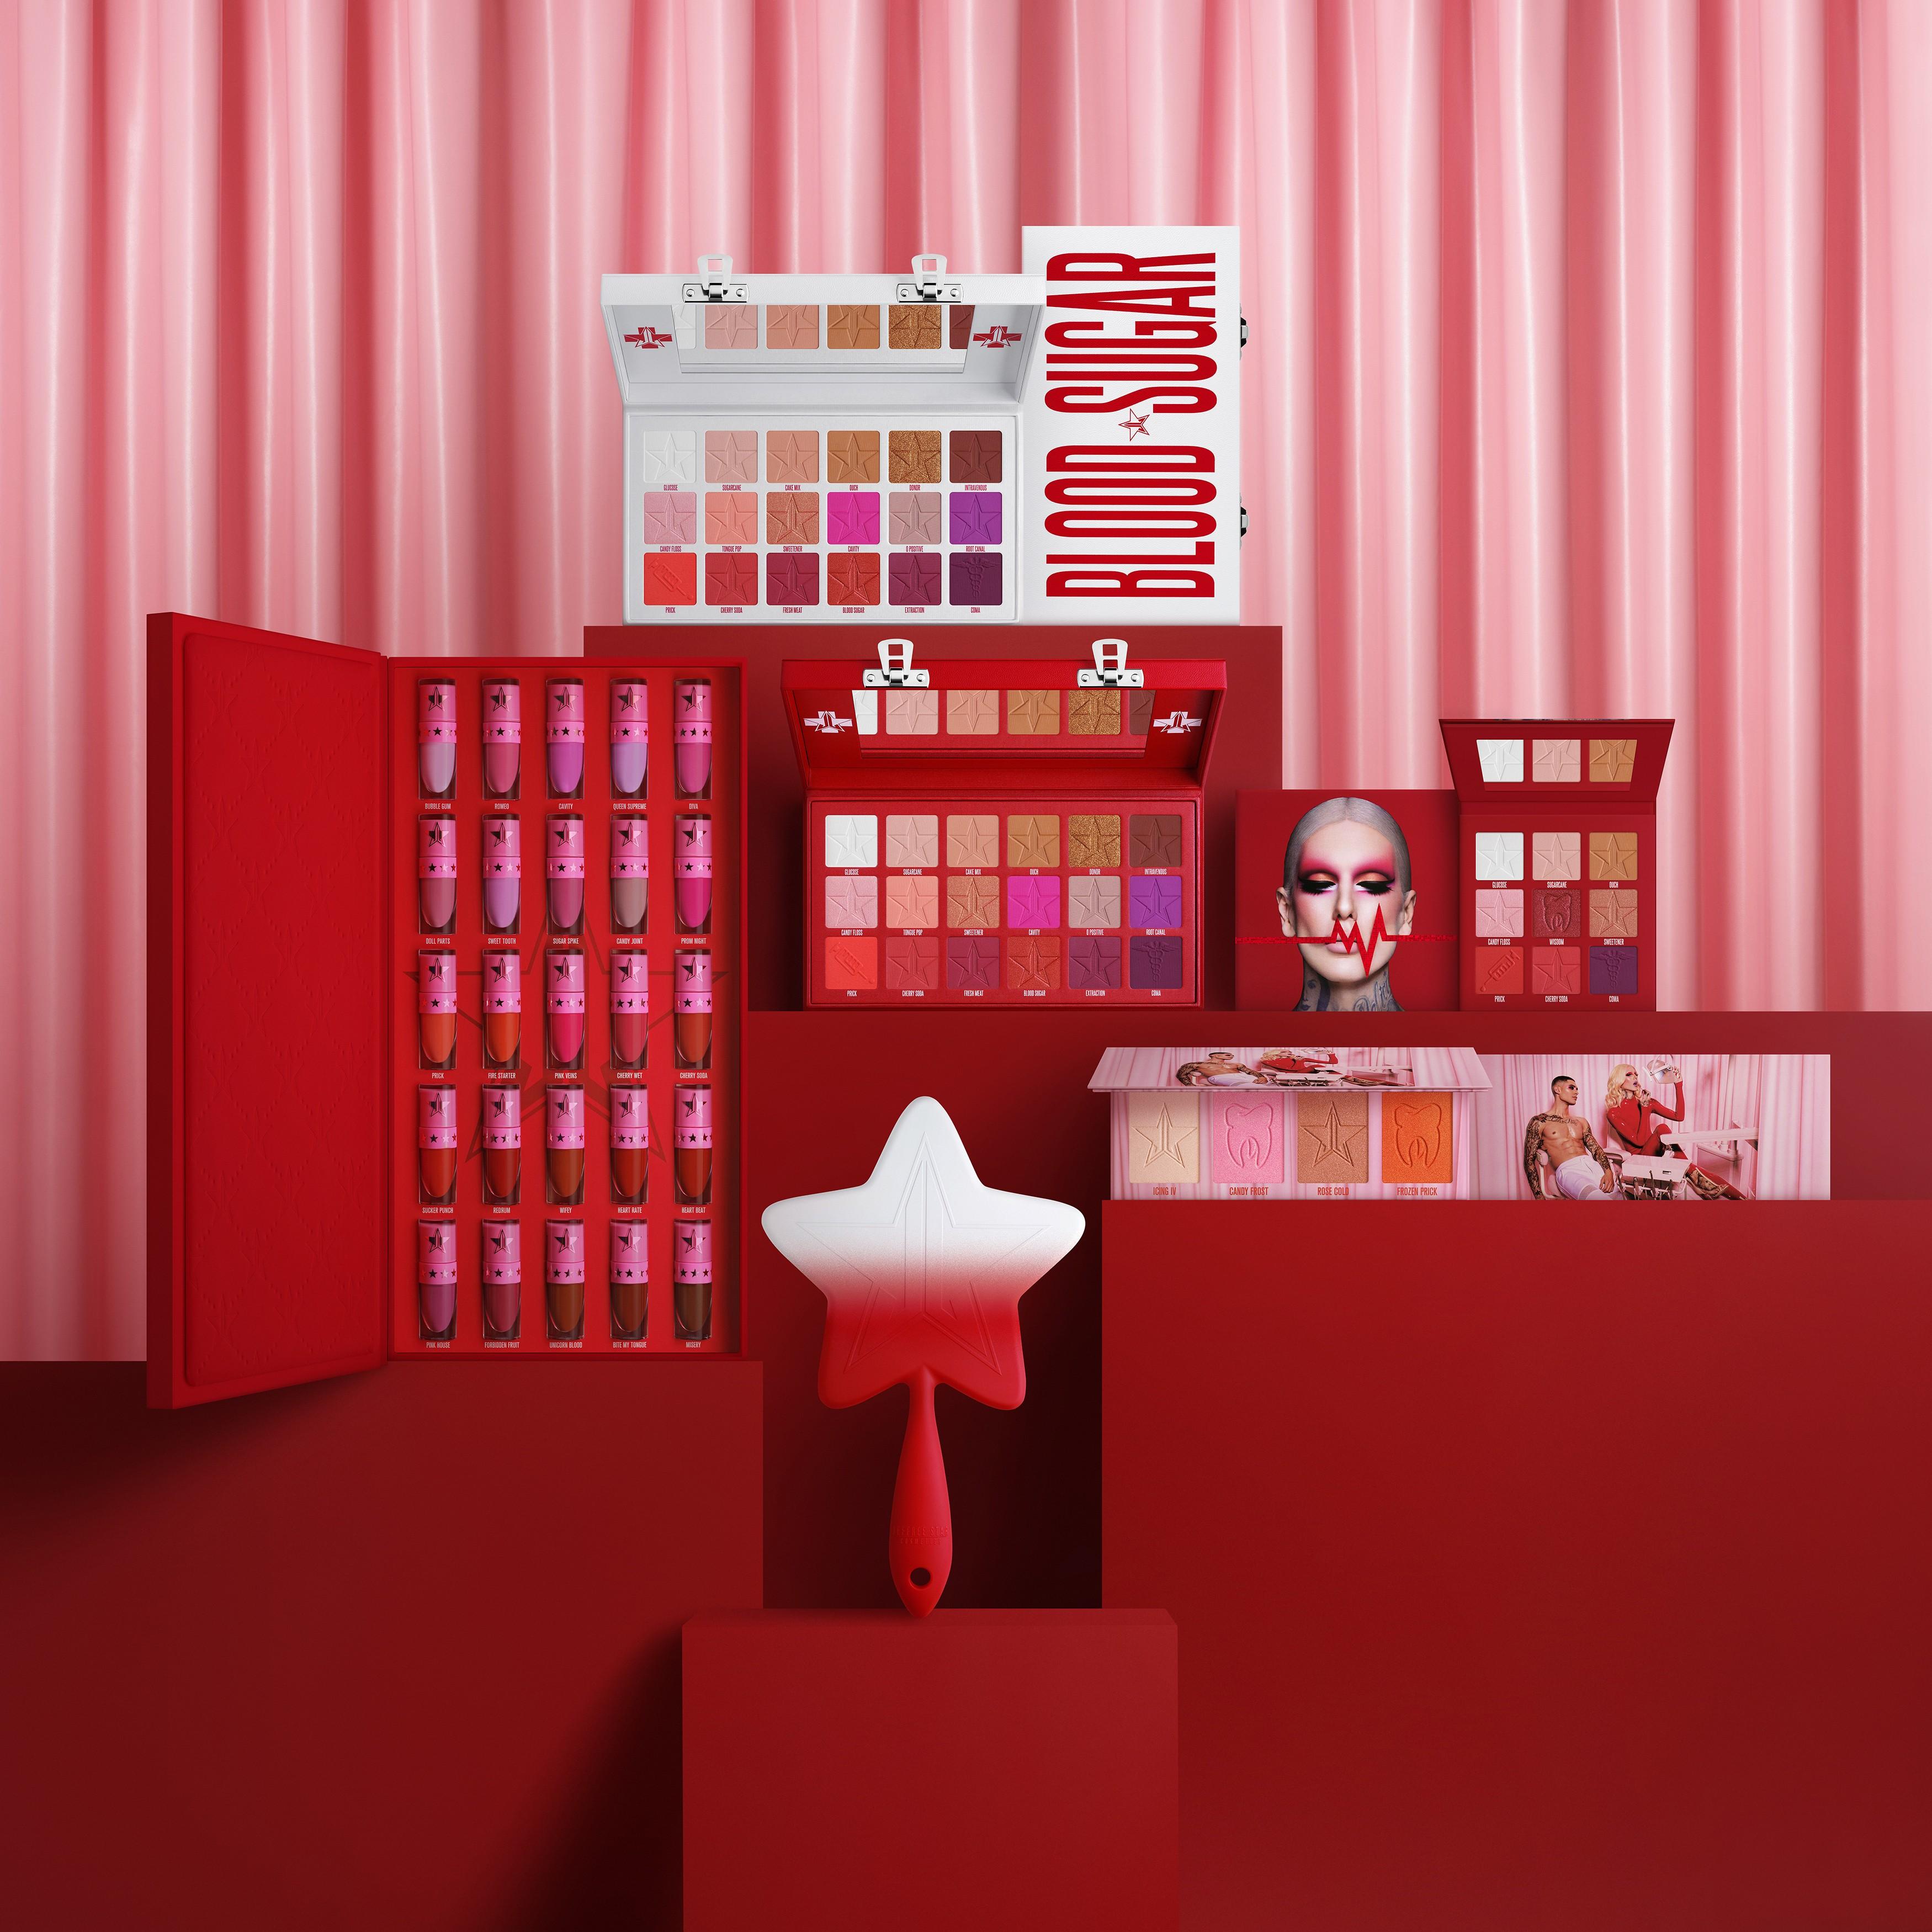 Makeup-product-jeffreestar-groupshot-blood-sugar2-0223-Web-Rendition